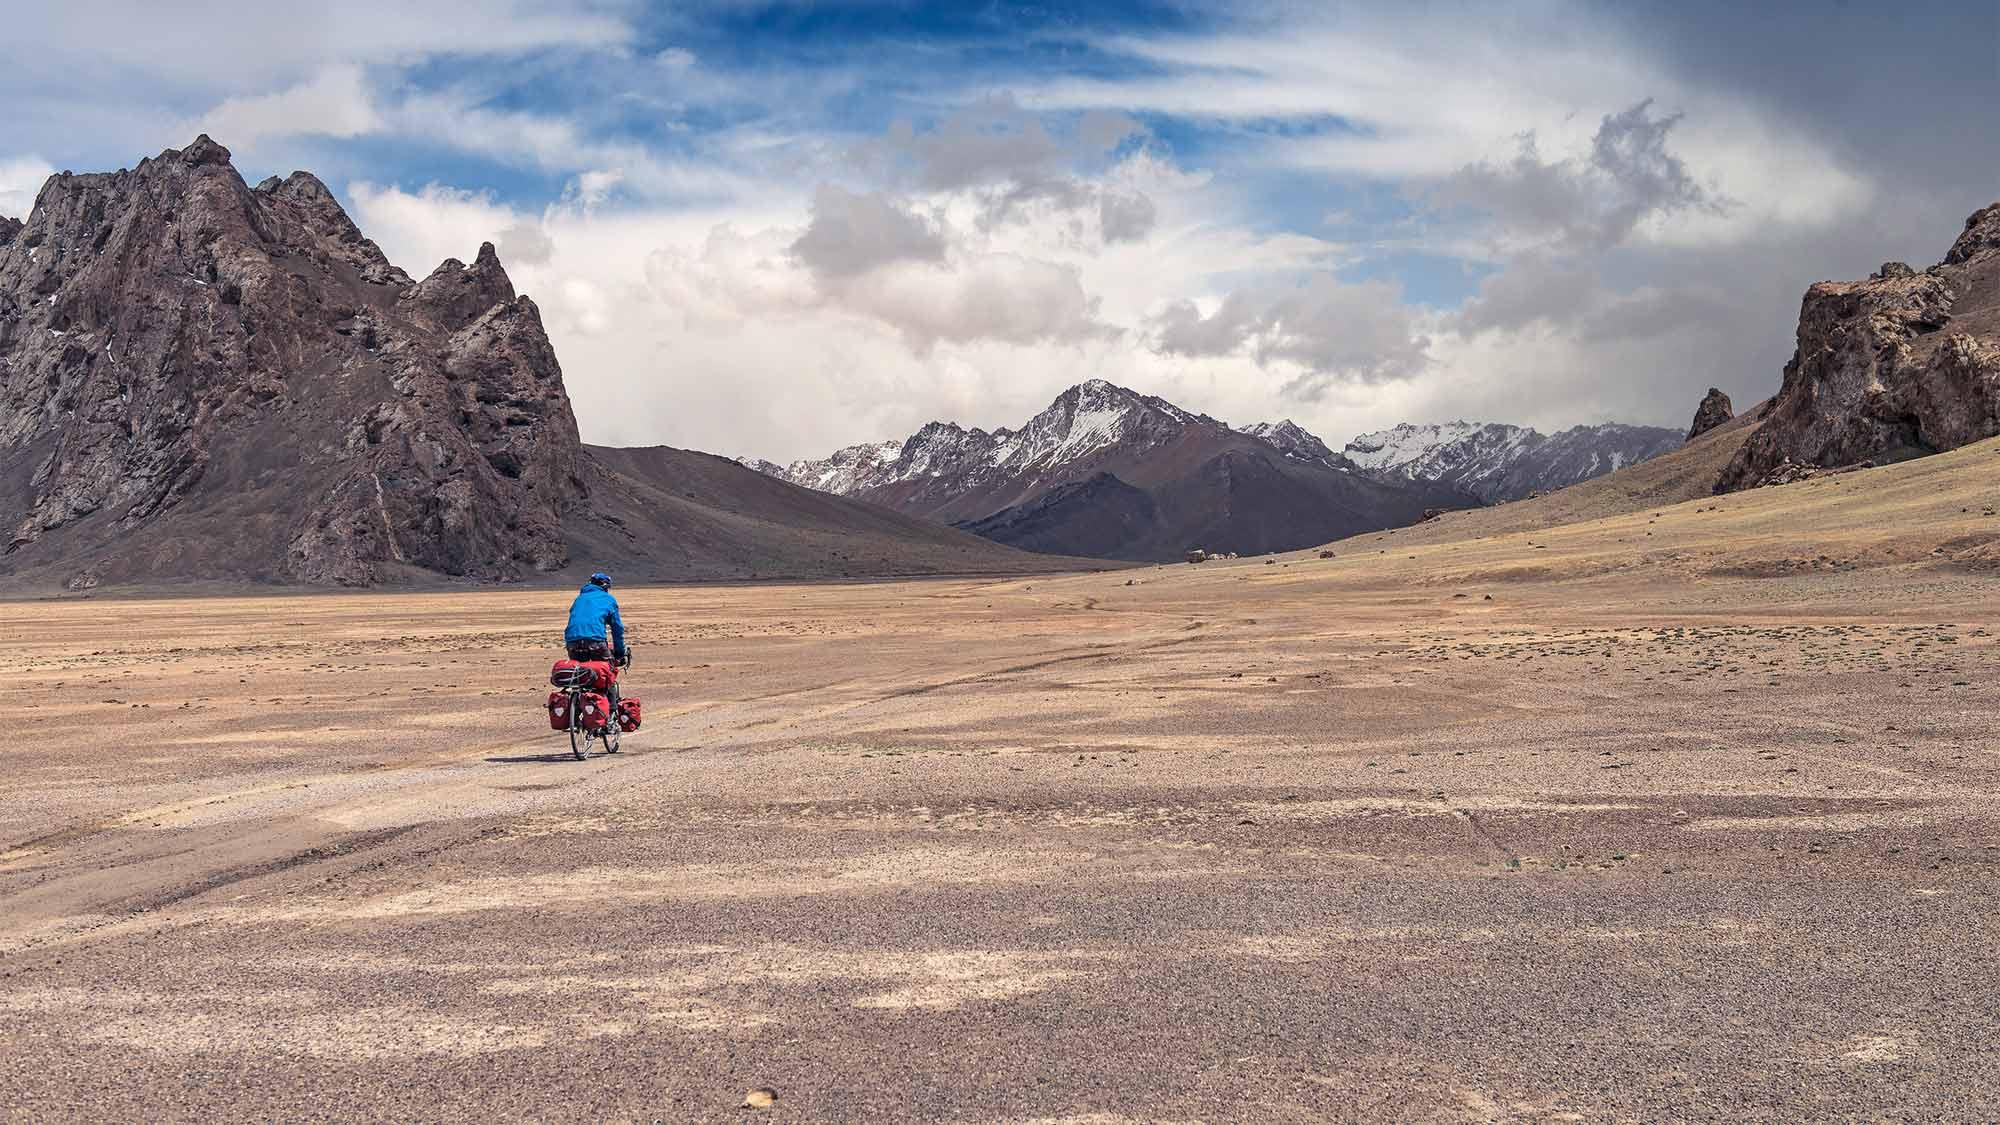 Reisebericht Tajikistan: Mit dem Fahrrad durch das Pamir-Gebirge